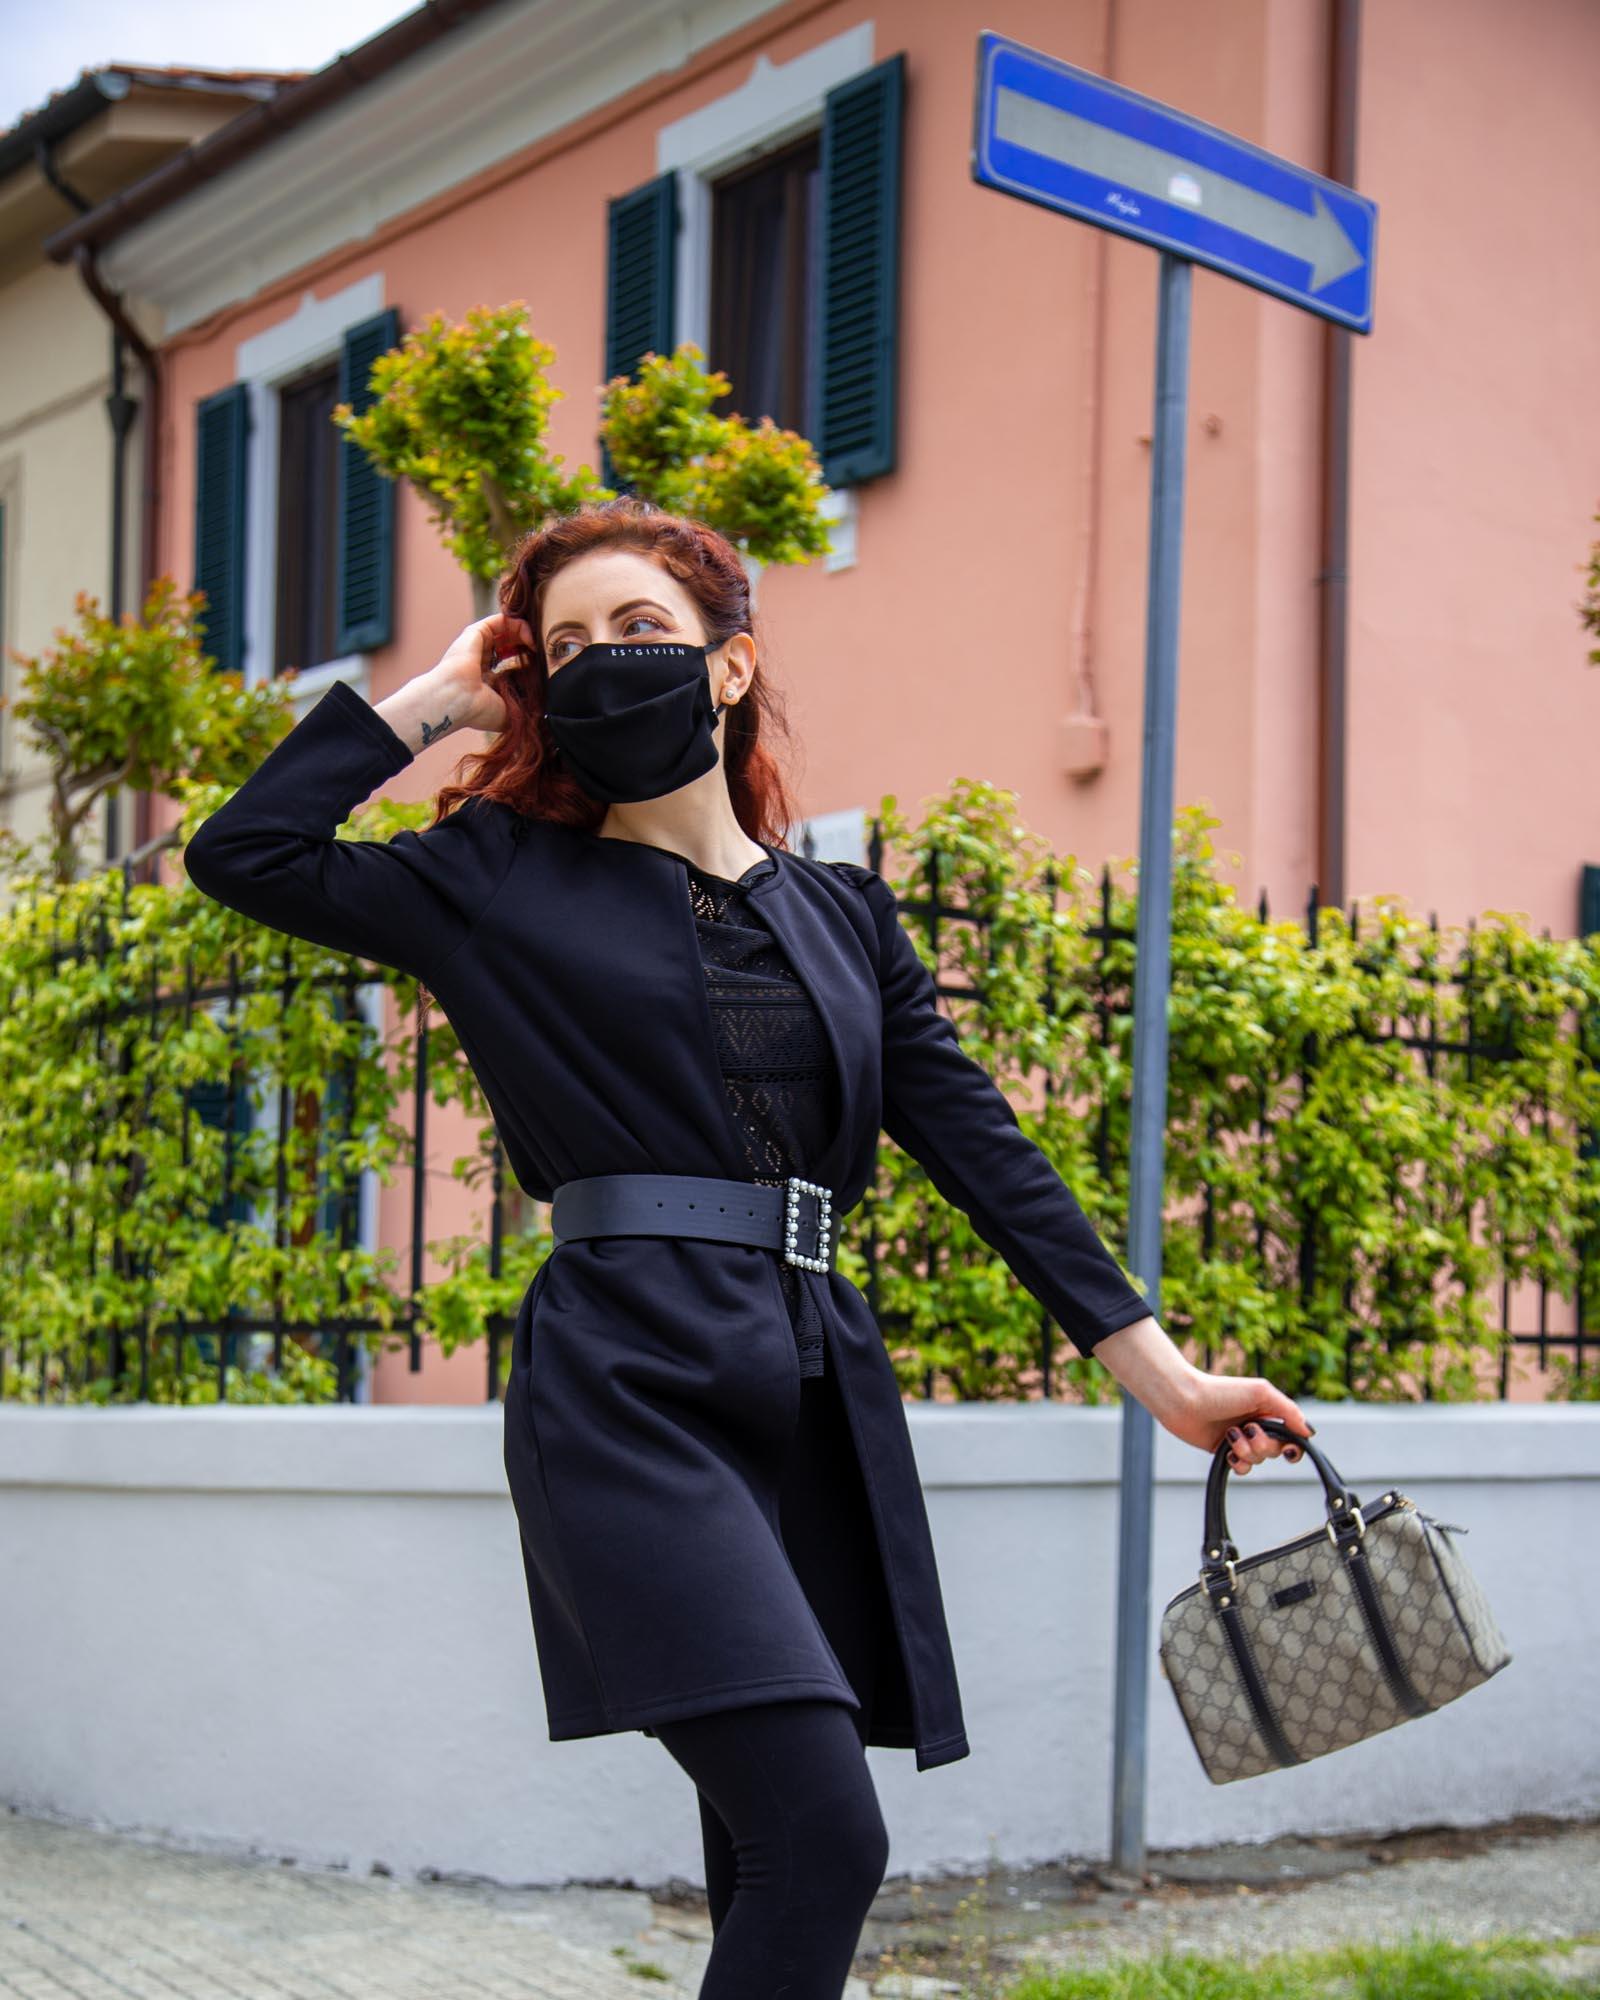 come sostenere la moda